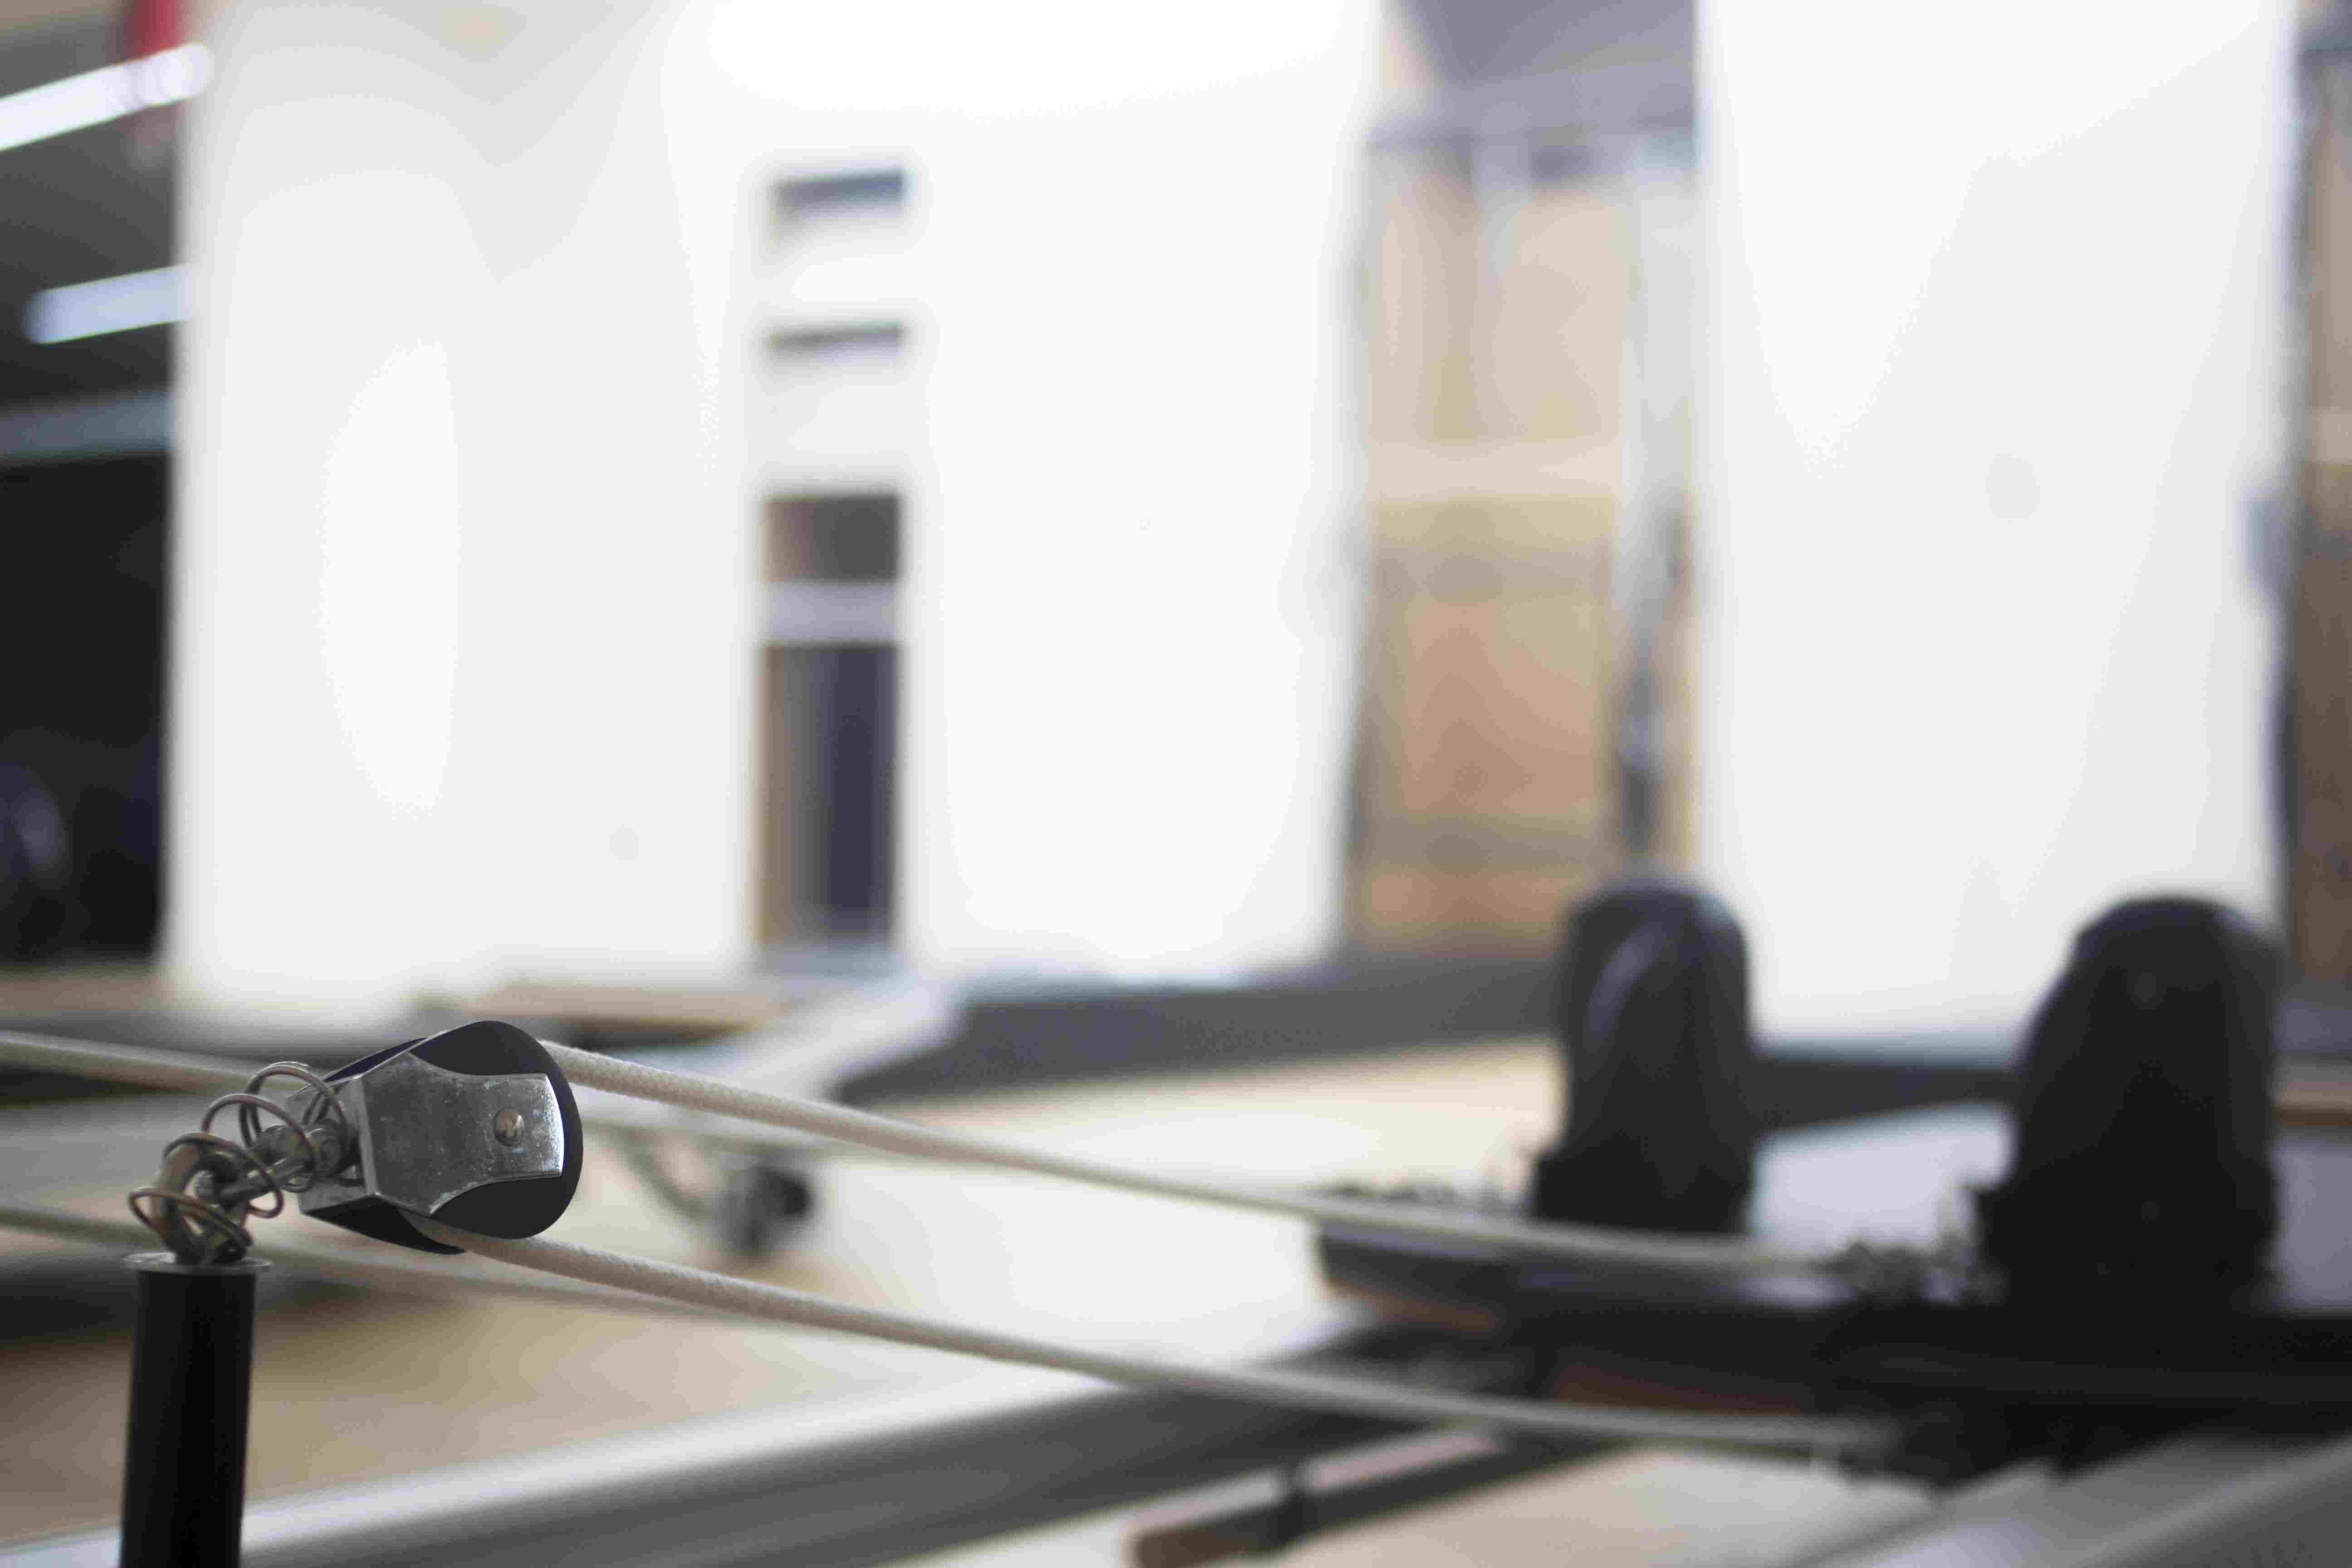 Pilates machine gym training fitness health studio equipment.